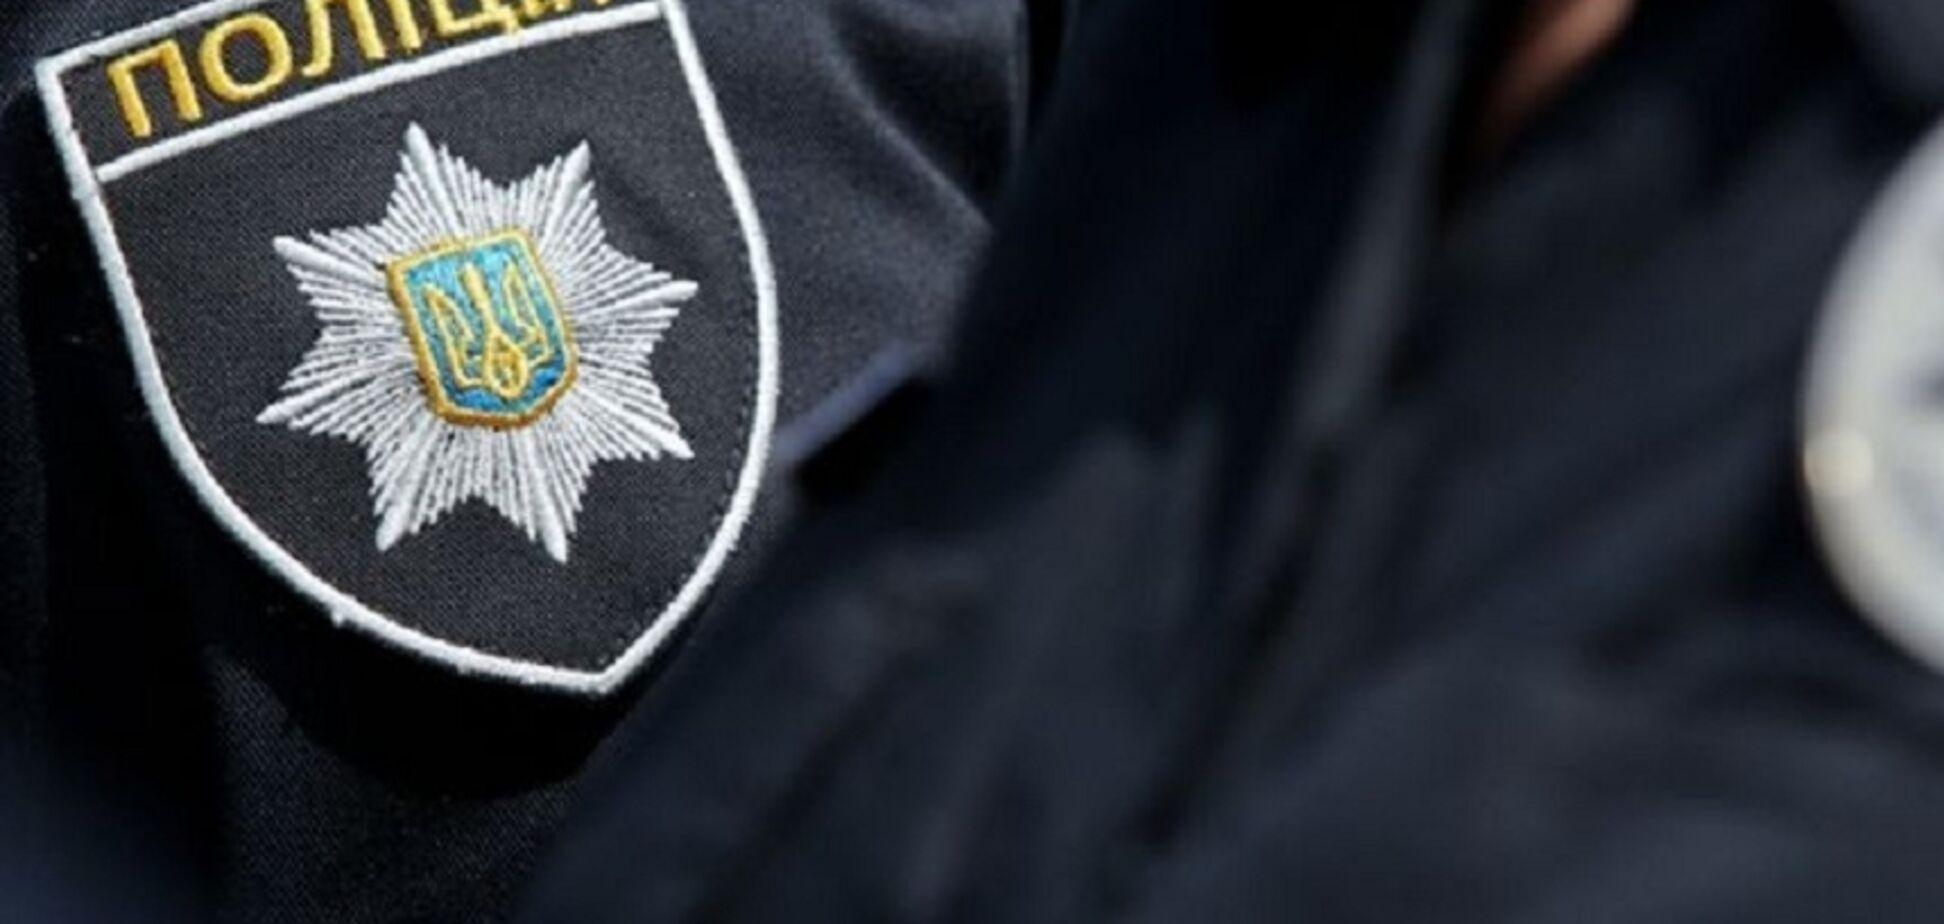 Сотрудника Нацполиции поймали на преступлении: в ГПУ раскрыли подробности